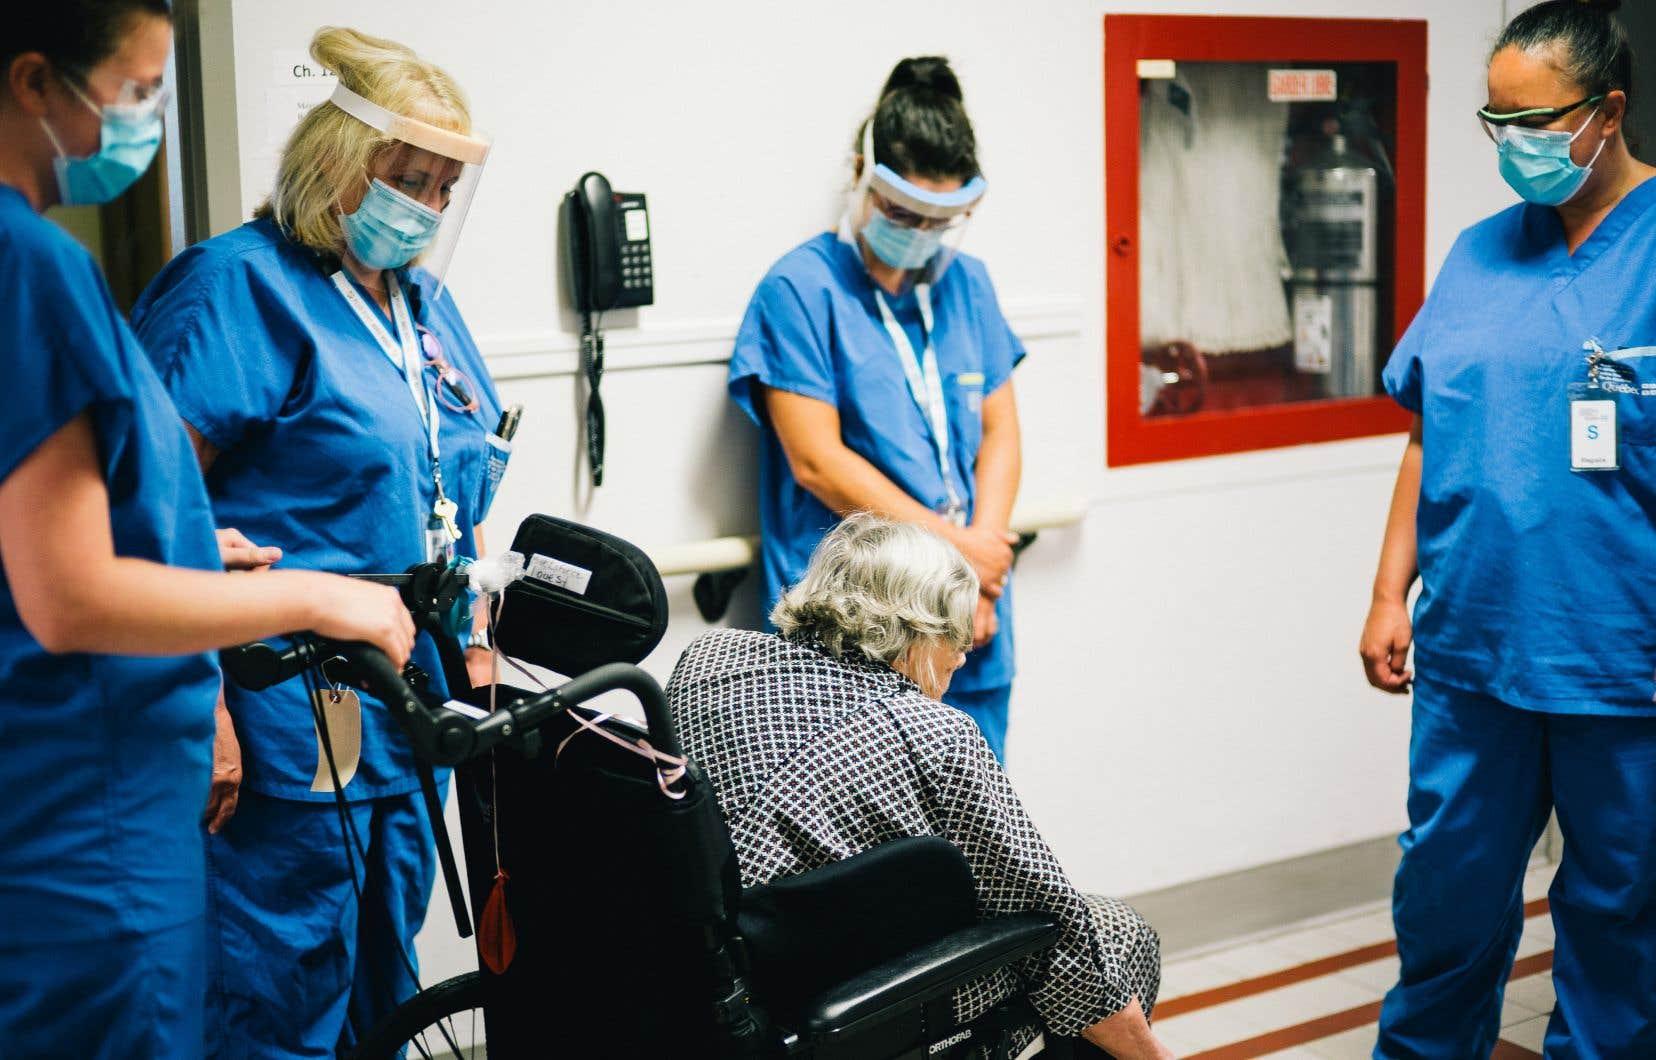 Elizabeth Carignan aide une résidente à se déplacer en chaise roulante. La stagiaire fait ses premiers pas à titre de préposée aux bénéficiaires à l'Institut universitaire de gériatrie de Montréal.